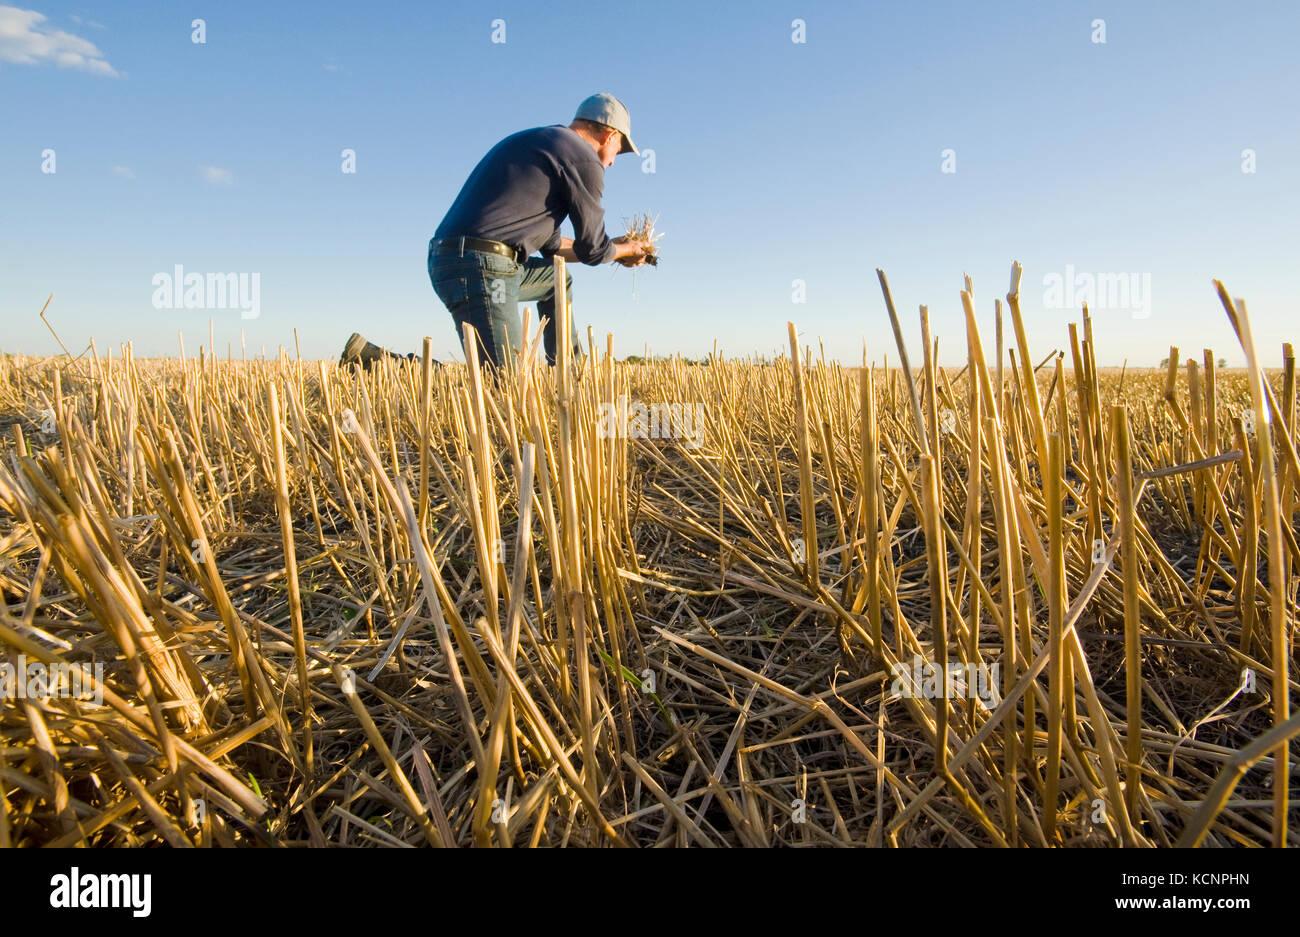 Landwirt in einem Feld von Getreide Stroh in der Nähe von Winnipeg, Manitoba, Kanada Stockbild